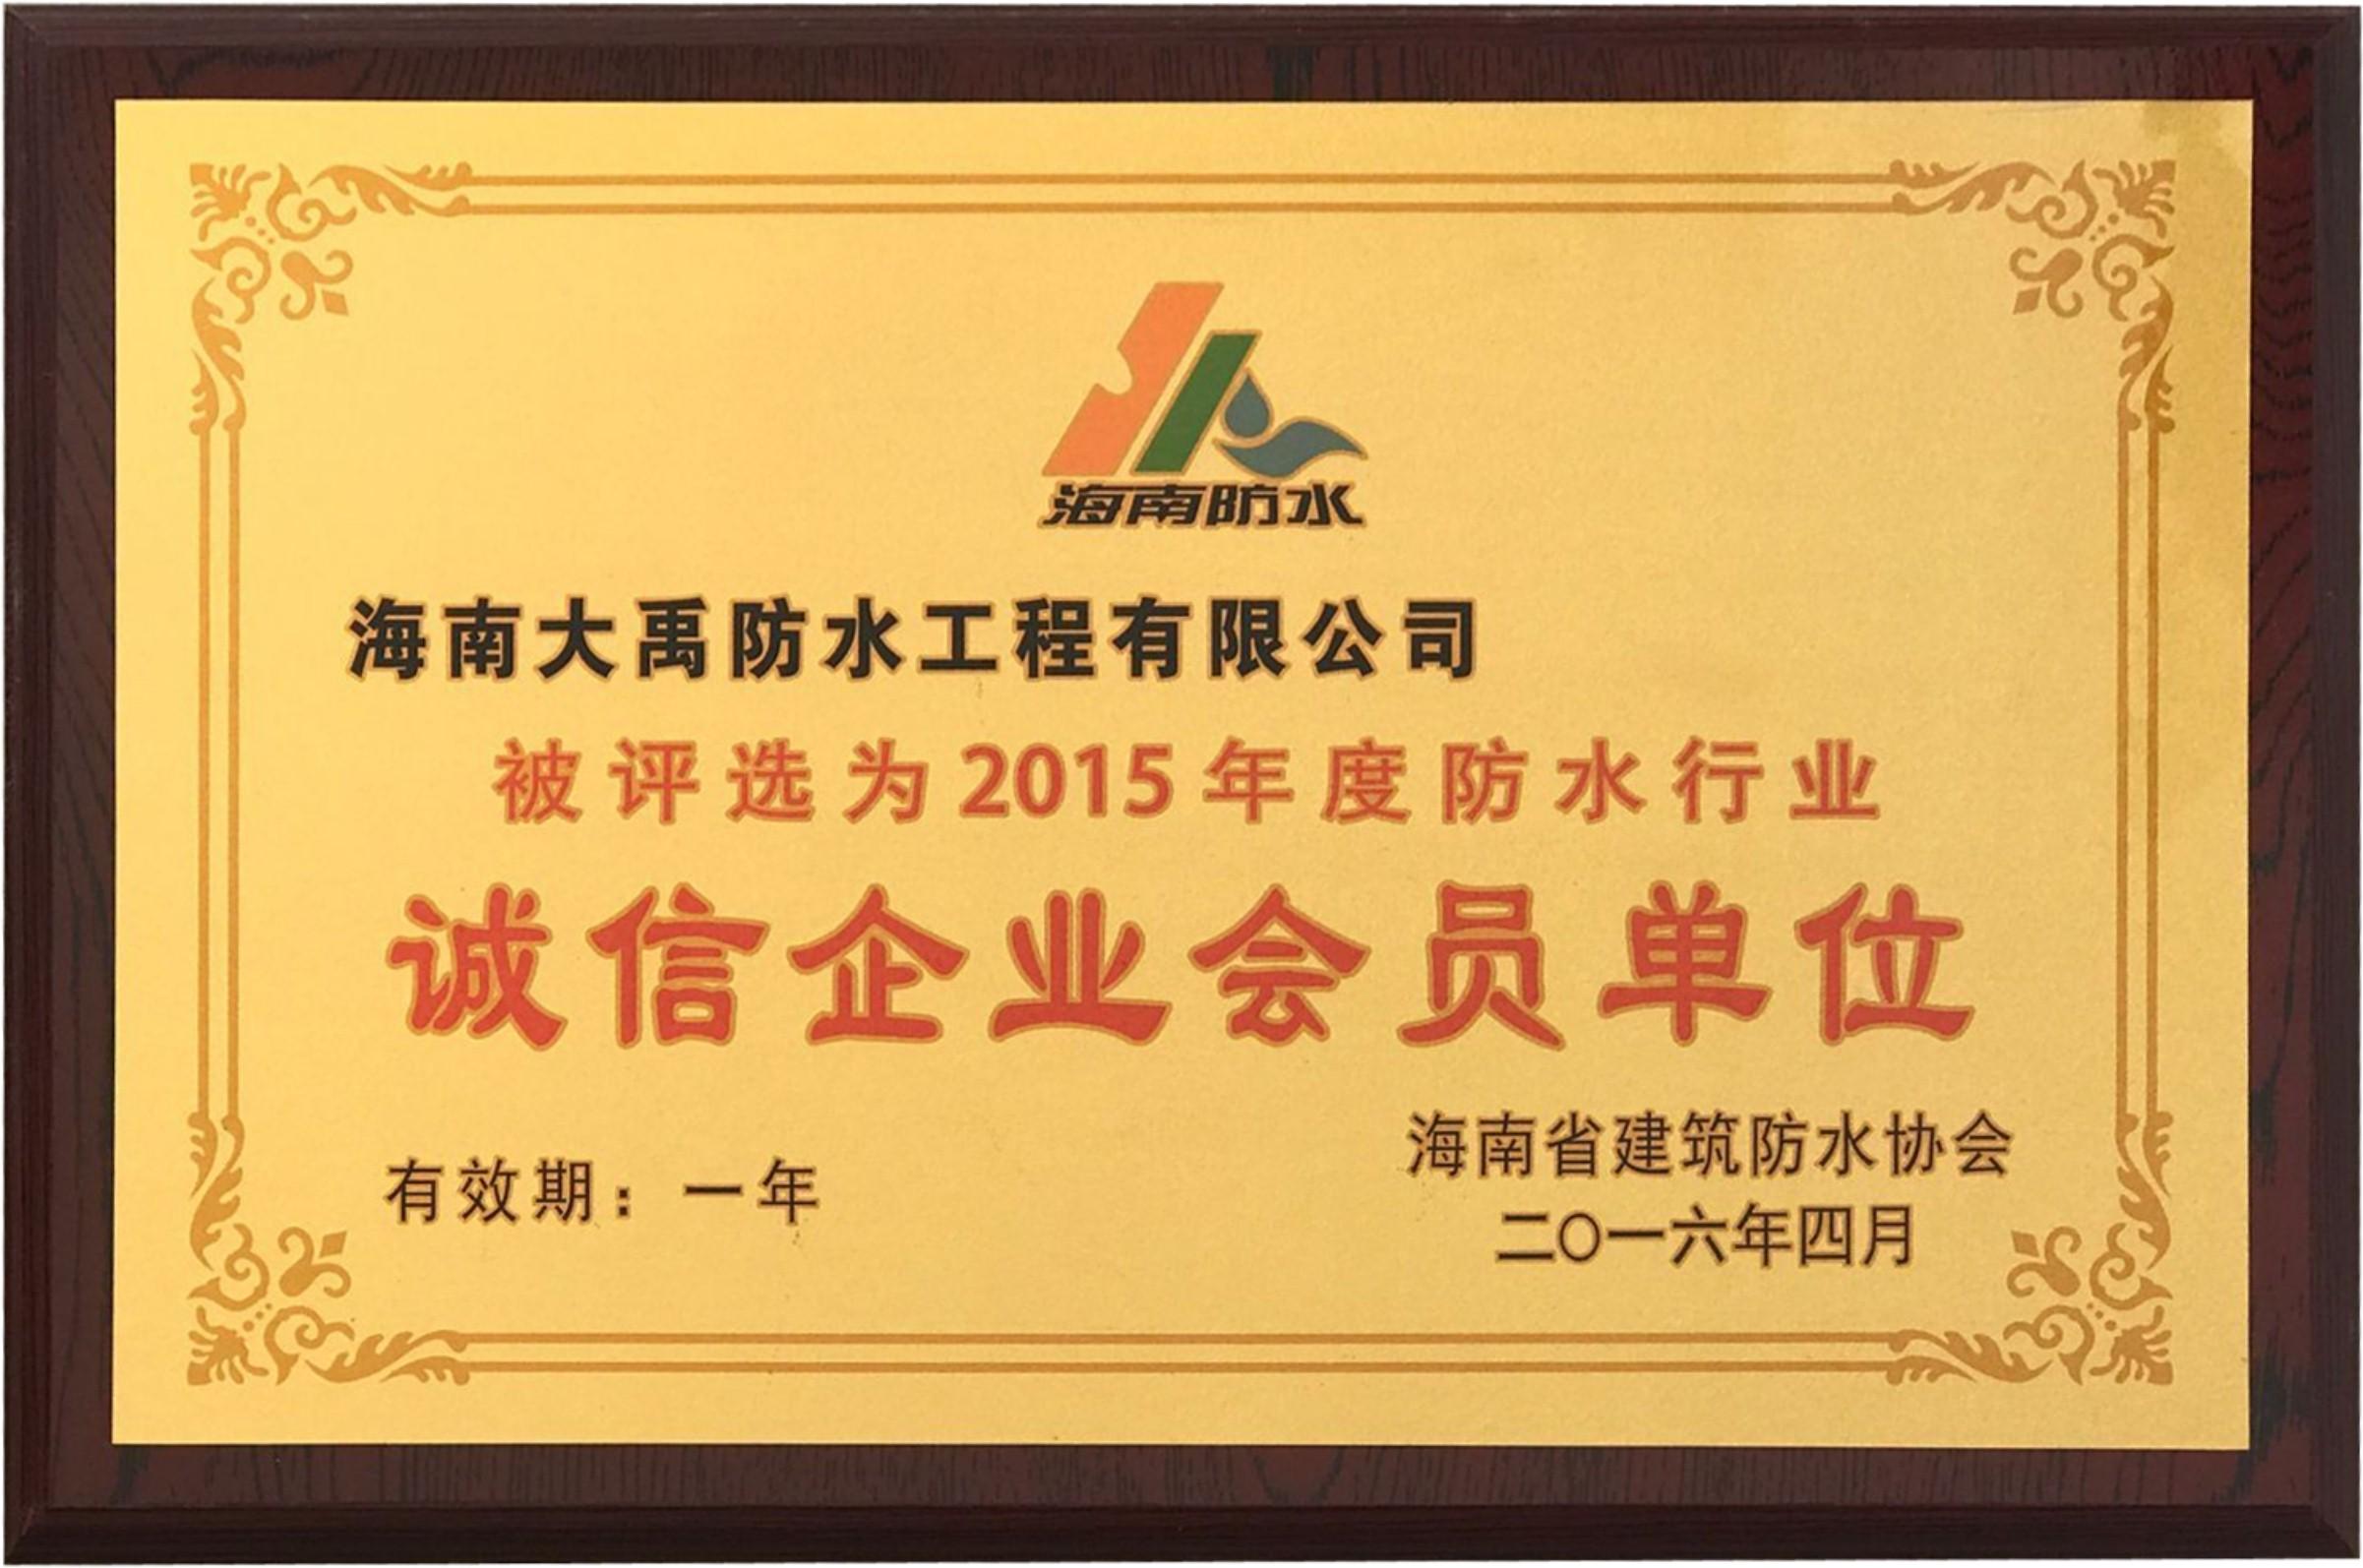 海南省建筑万博manbetx官网协会诚信企业会员单位